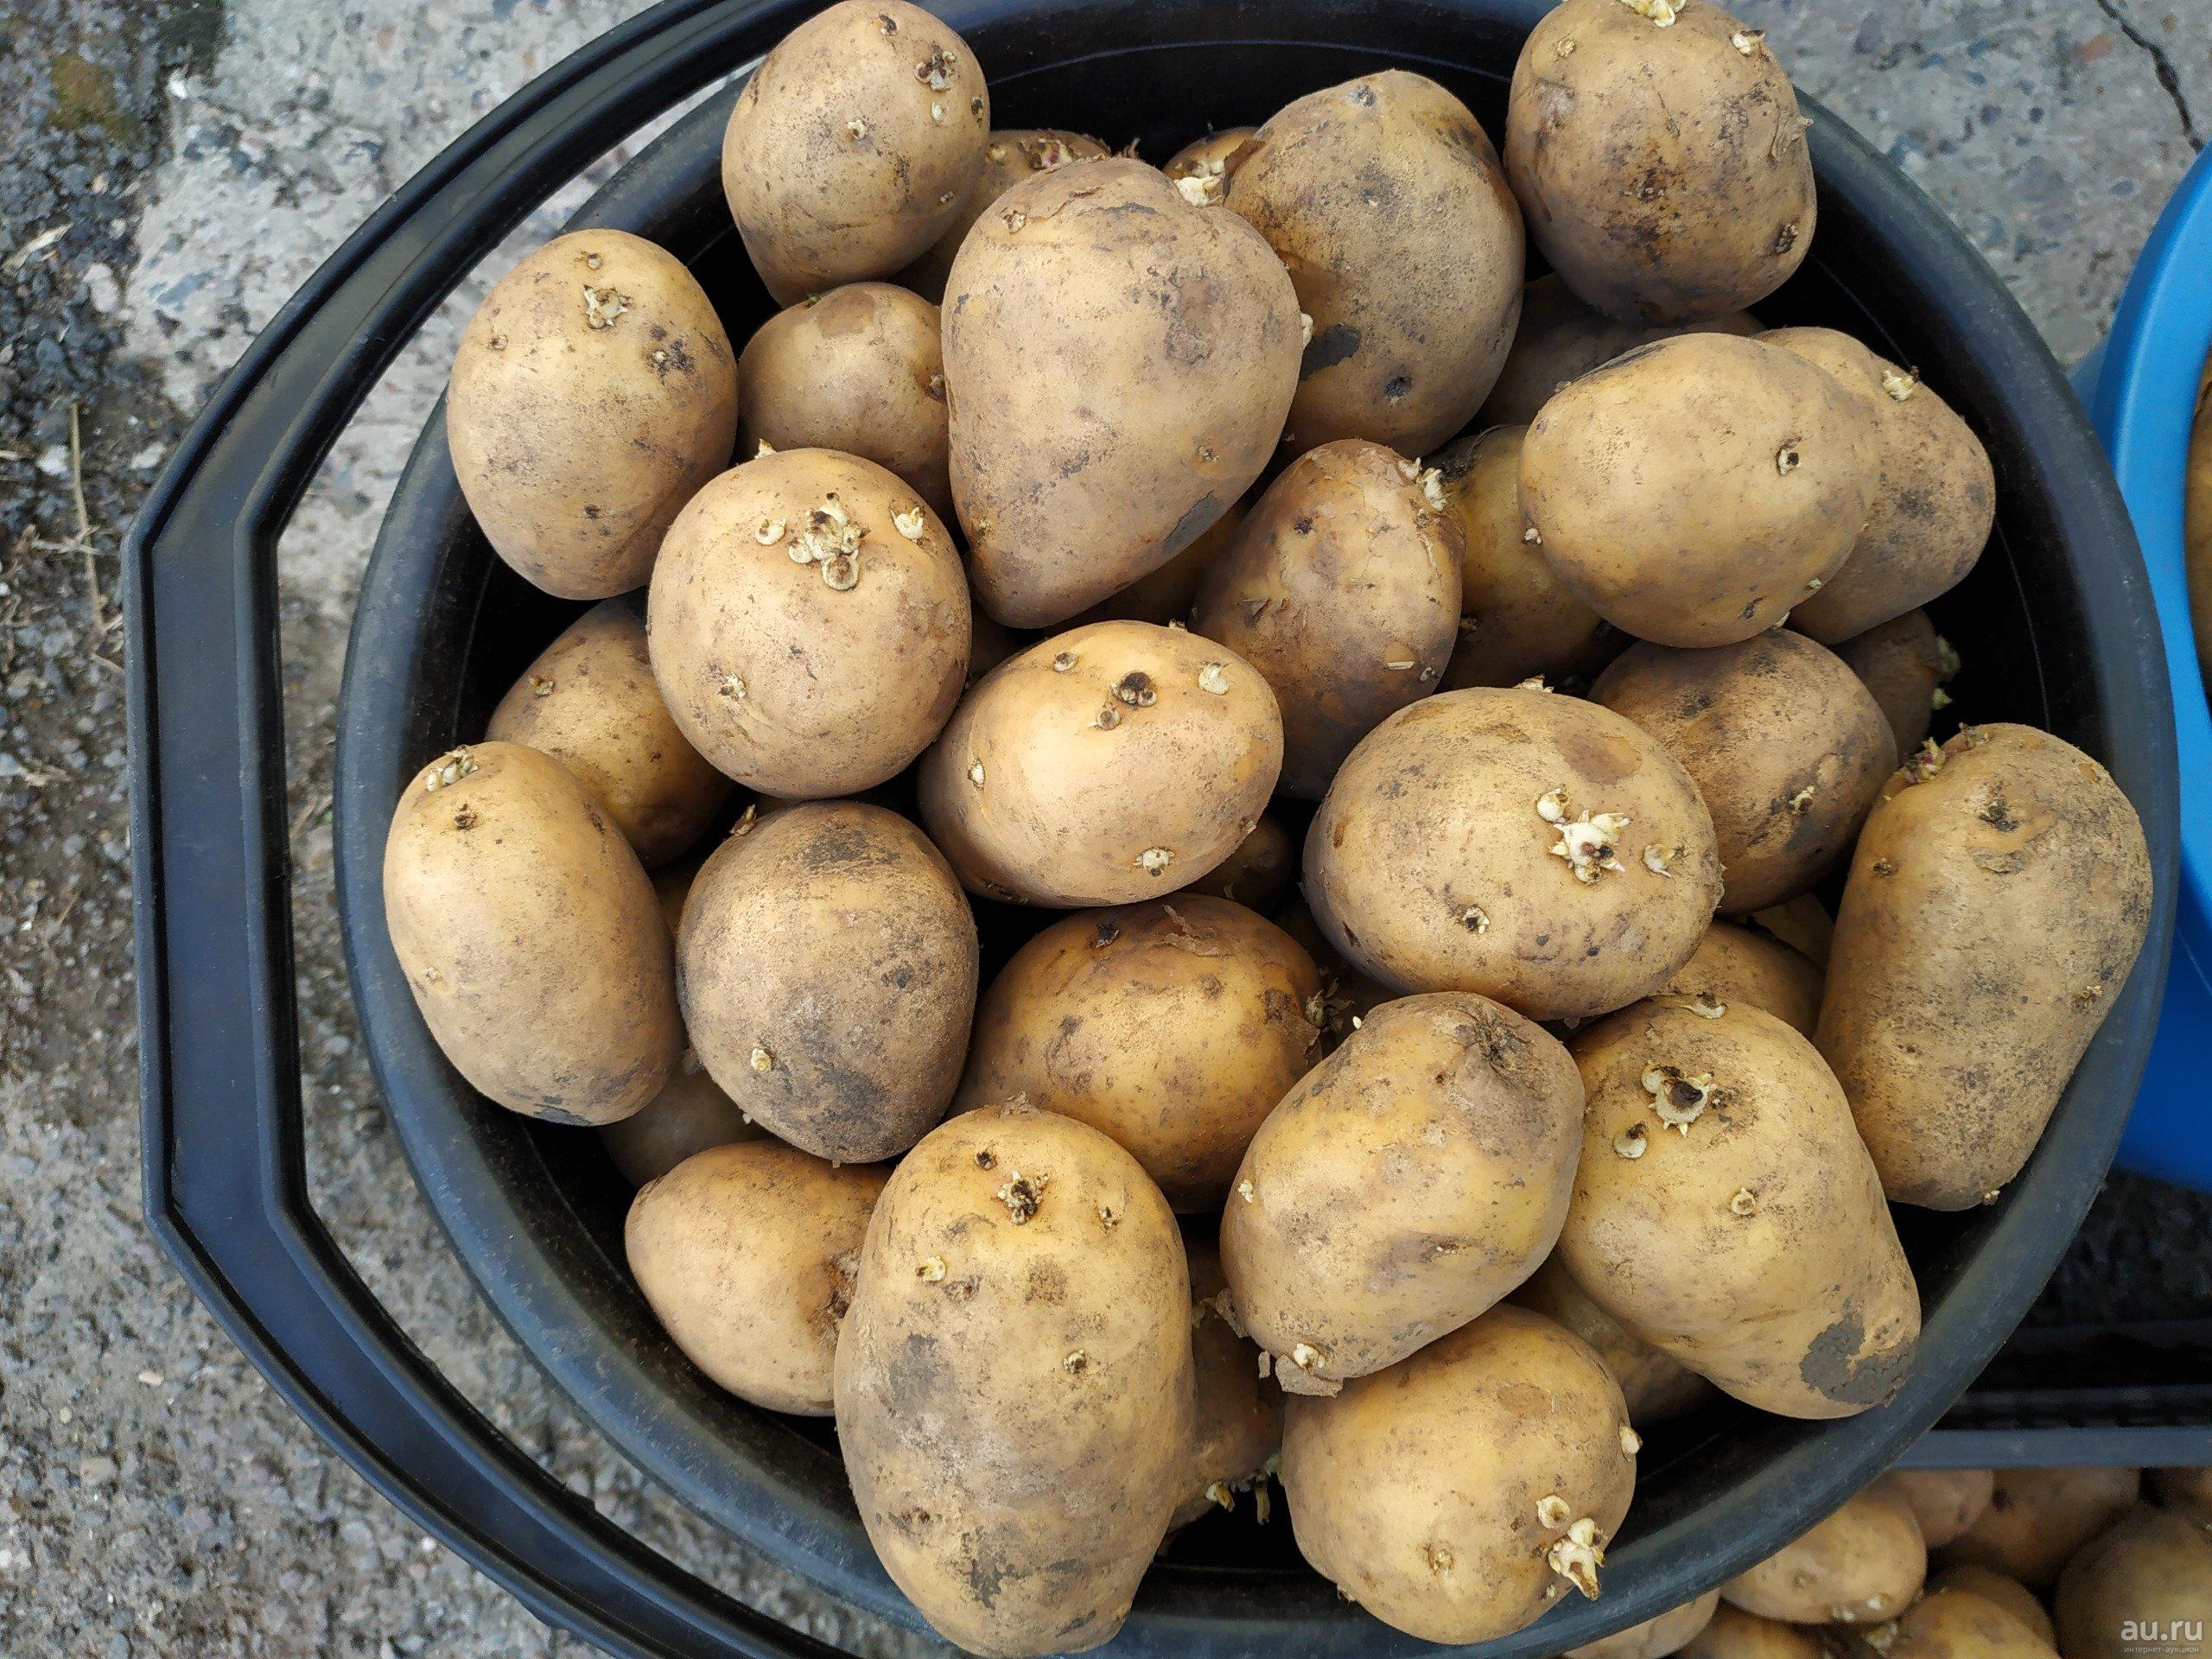 Сорт картофеля латона: описание, посадка и уход русский фермер